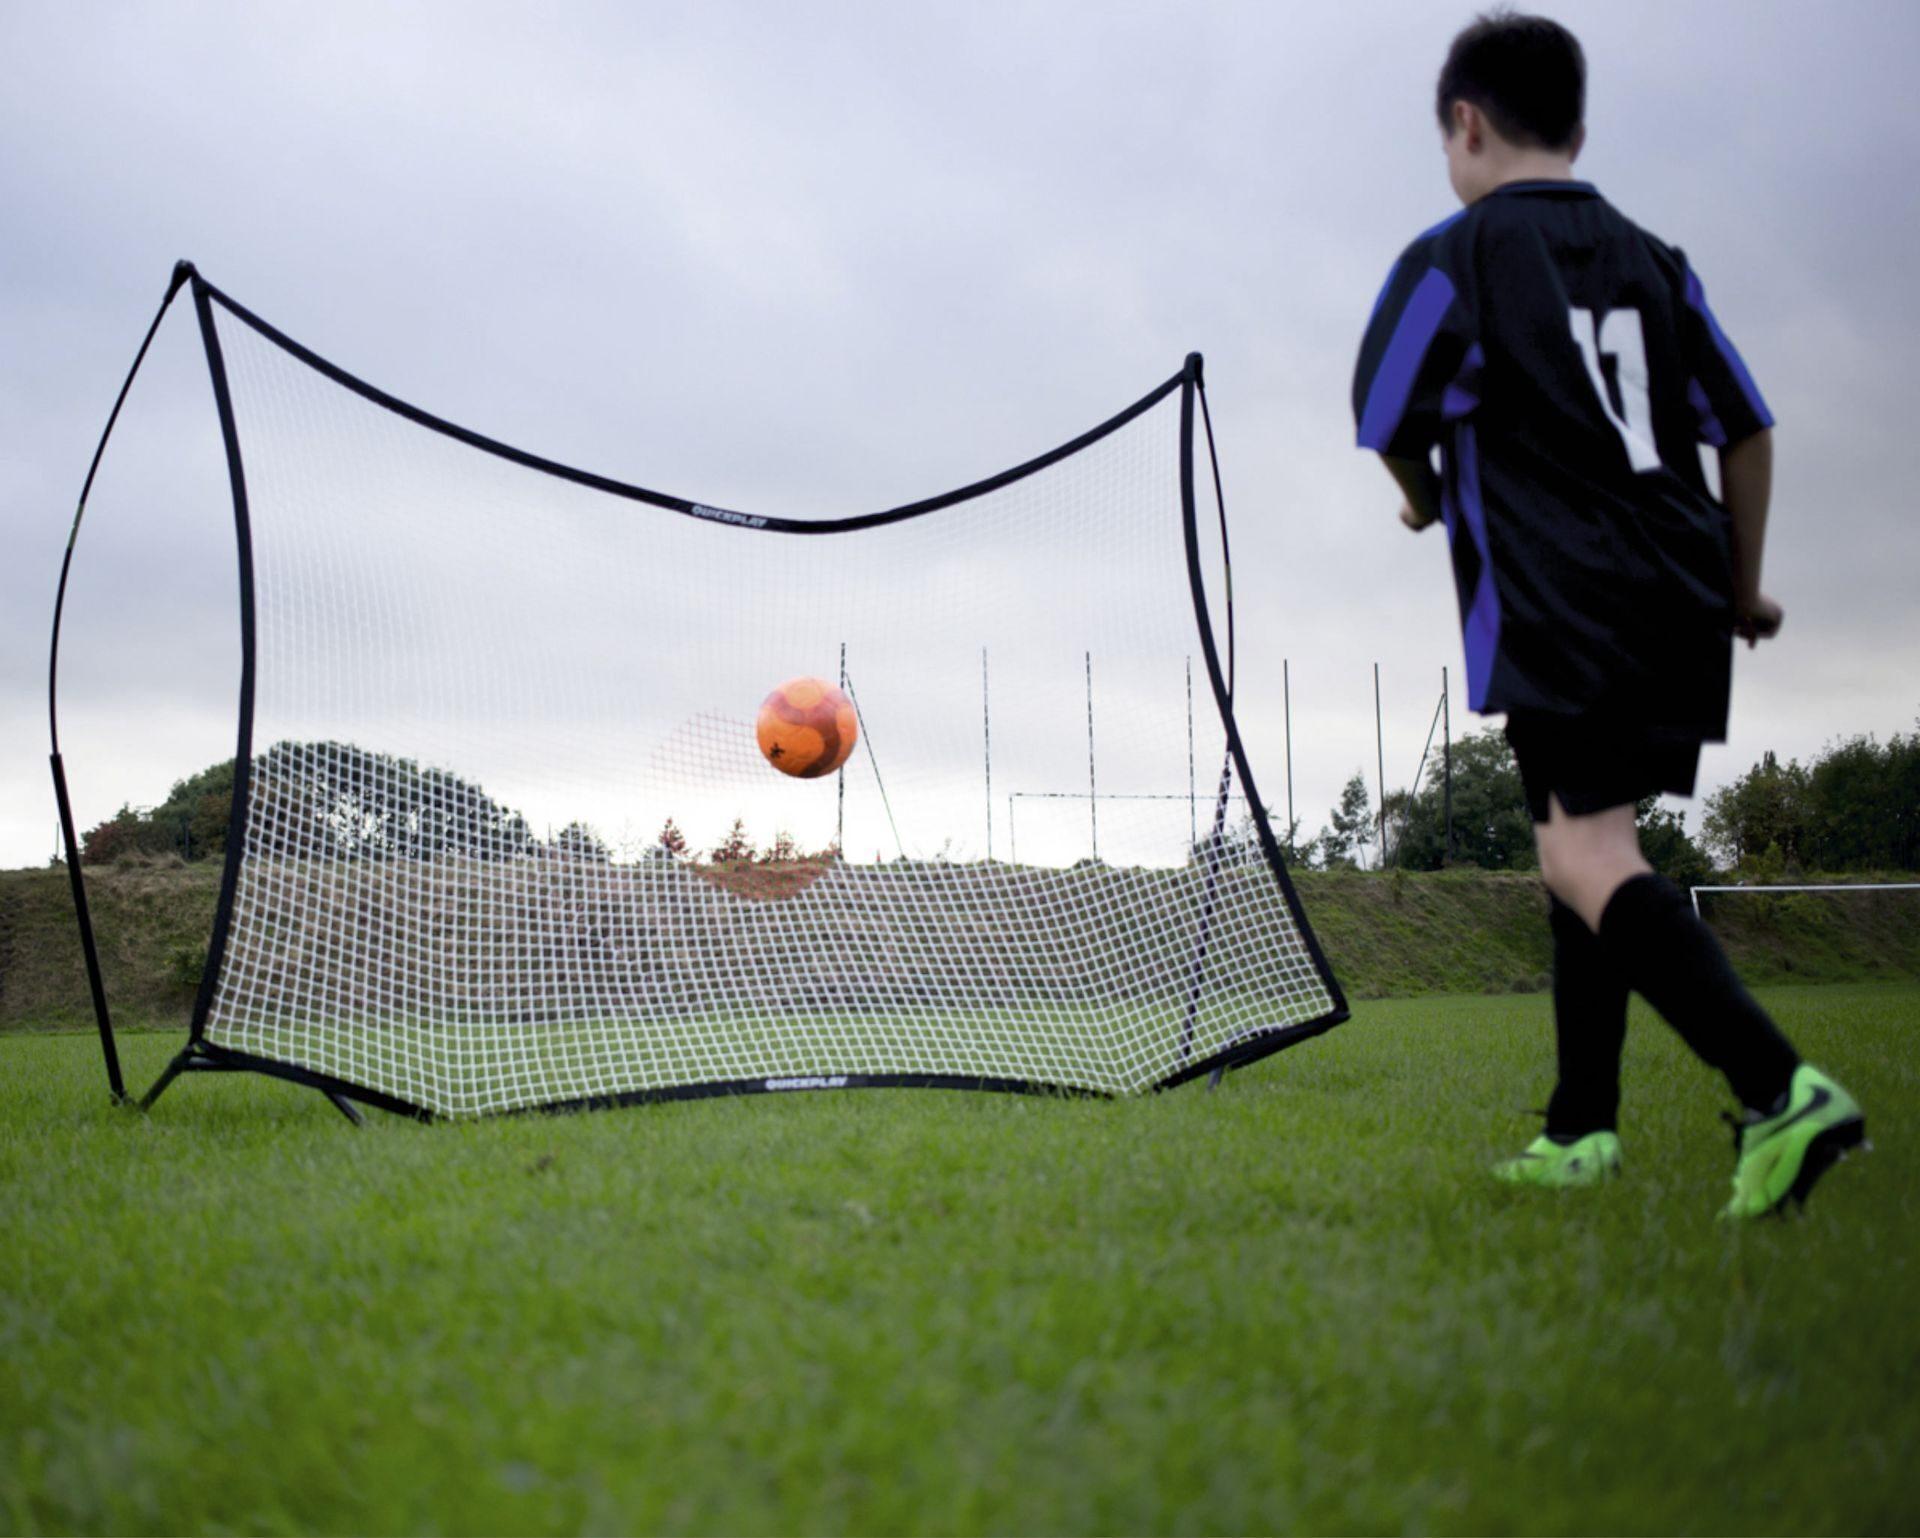 futbolnyy trenazher stenka quickplay spot rebounder 8kh5 3.jpg ·  futbolnyy trenazher stenka quickplay spot rebounder 8kh5 5.jpg 8d20e80a288